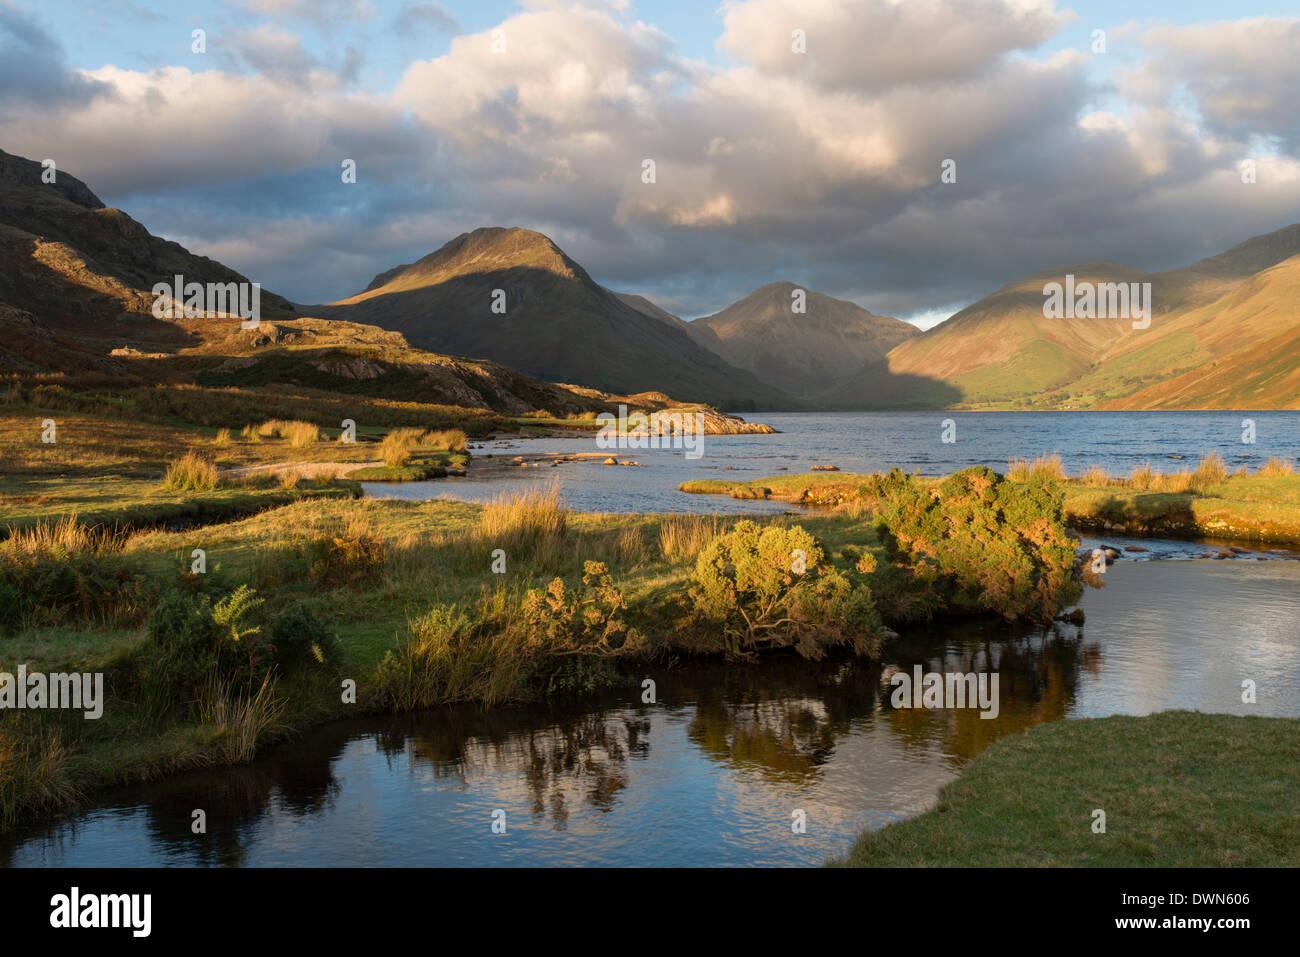 Schön spät herbstlichen Licht am Wastwater, Nationalpark Lake District, Cumbria, England, Vereinigtes Königreich, Europa Stockbild